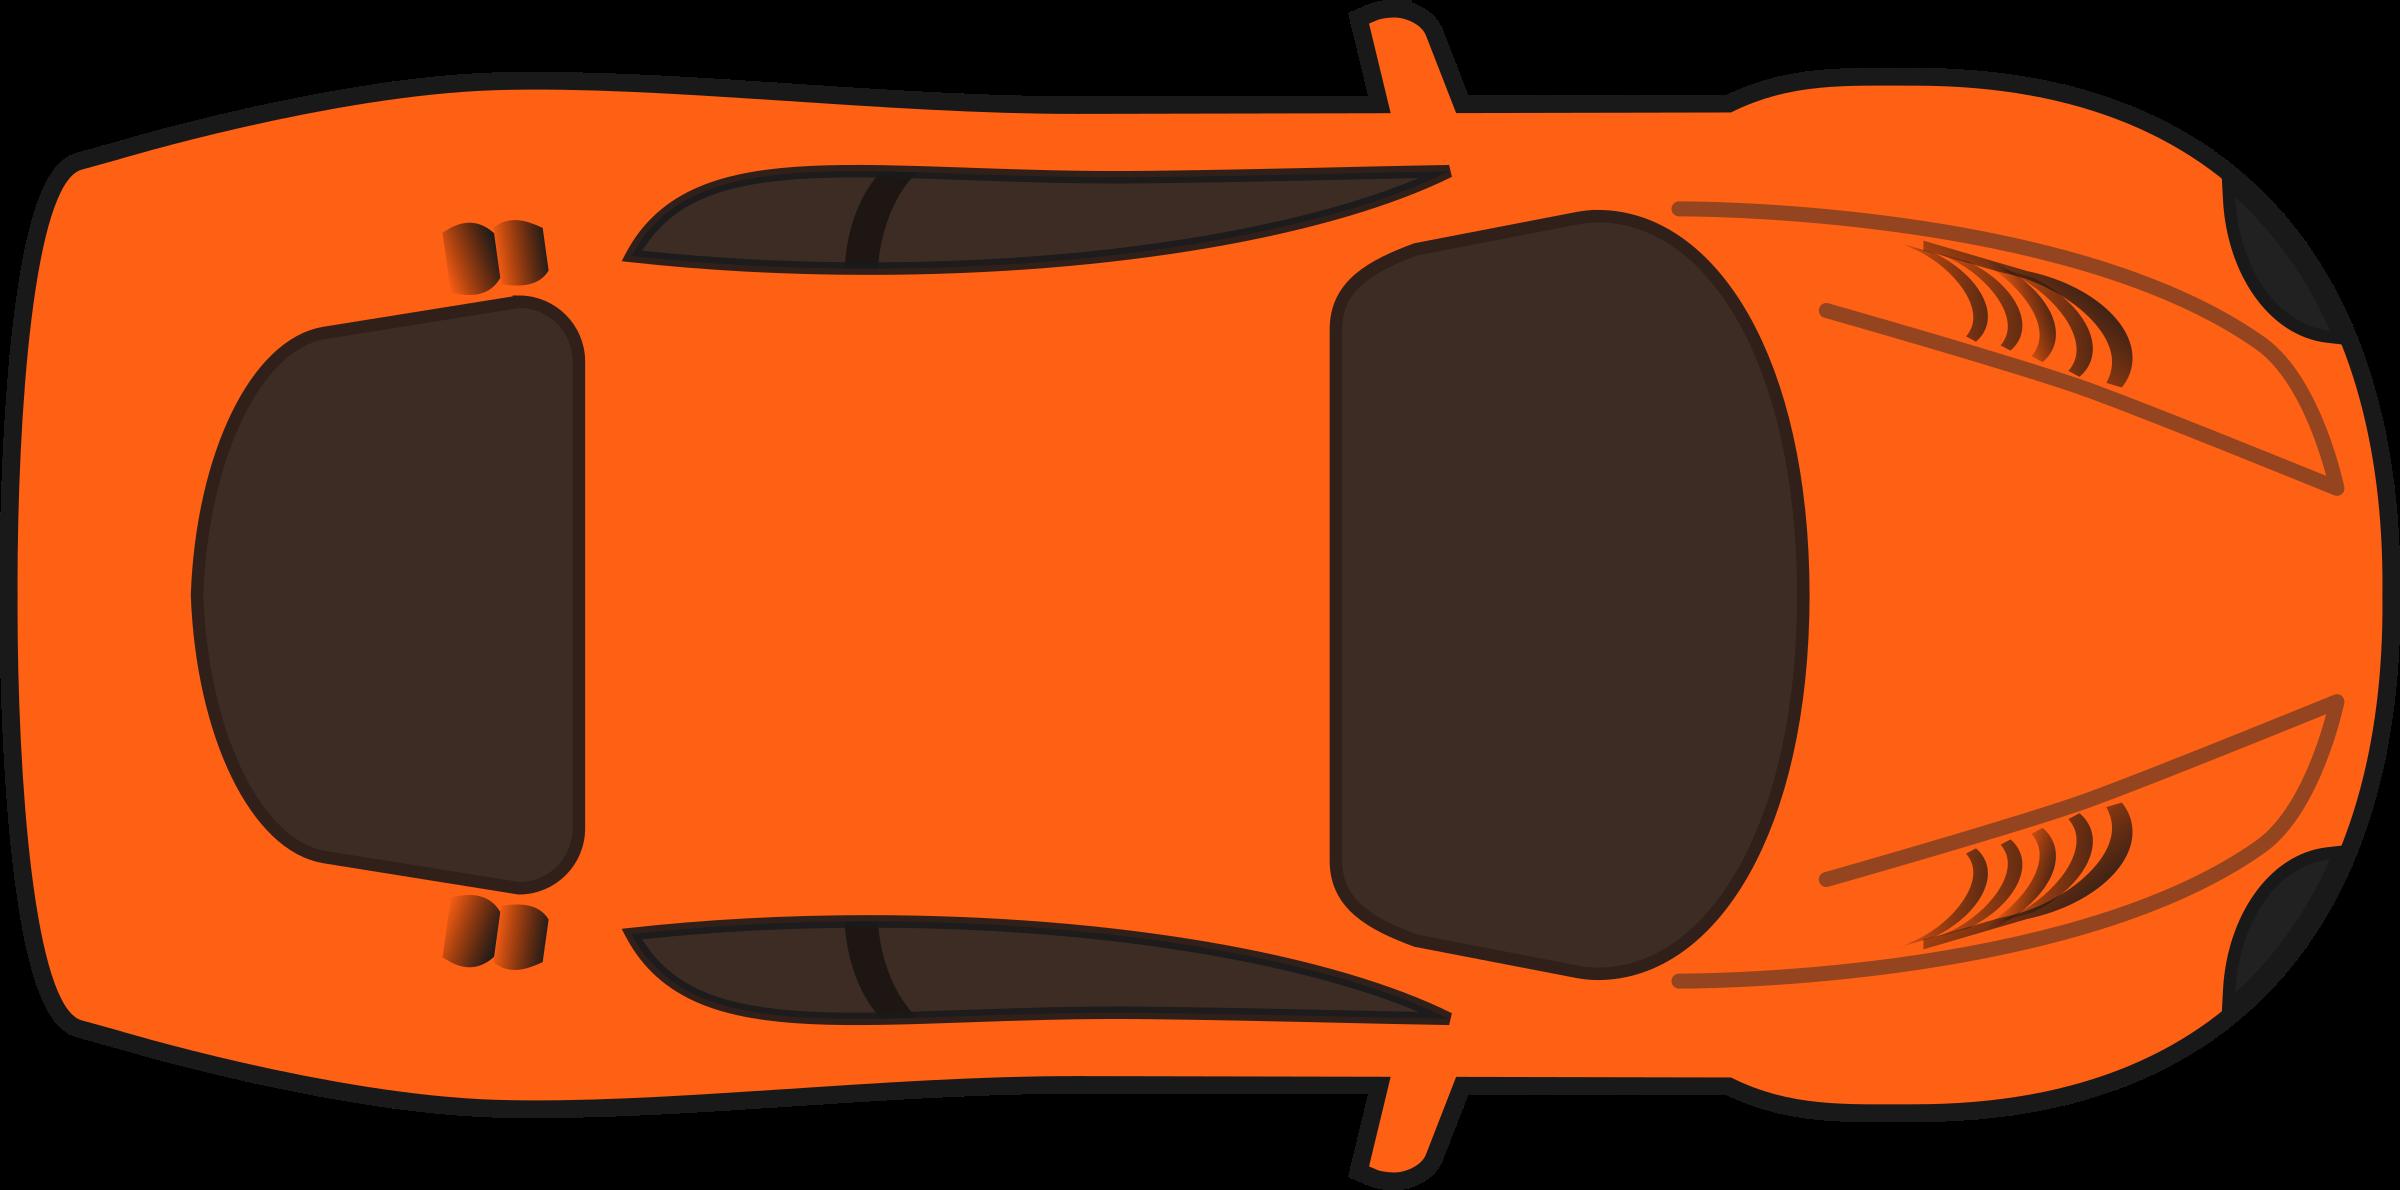 2400x1190 Car Clipart Top View Png 101 Clip Art